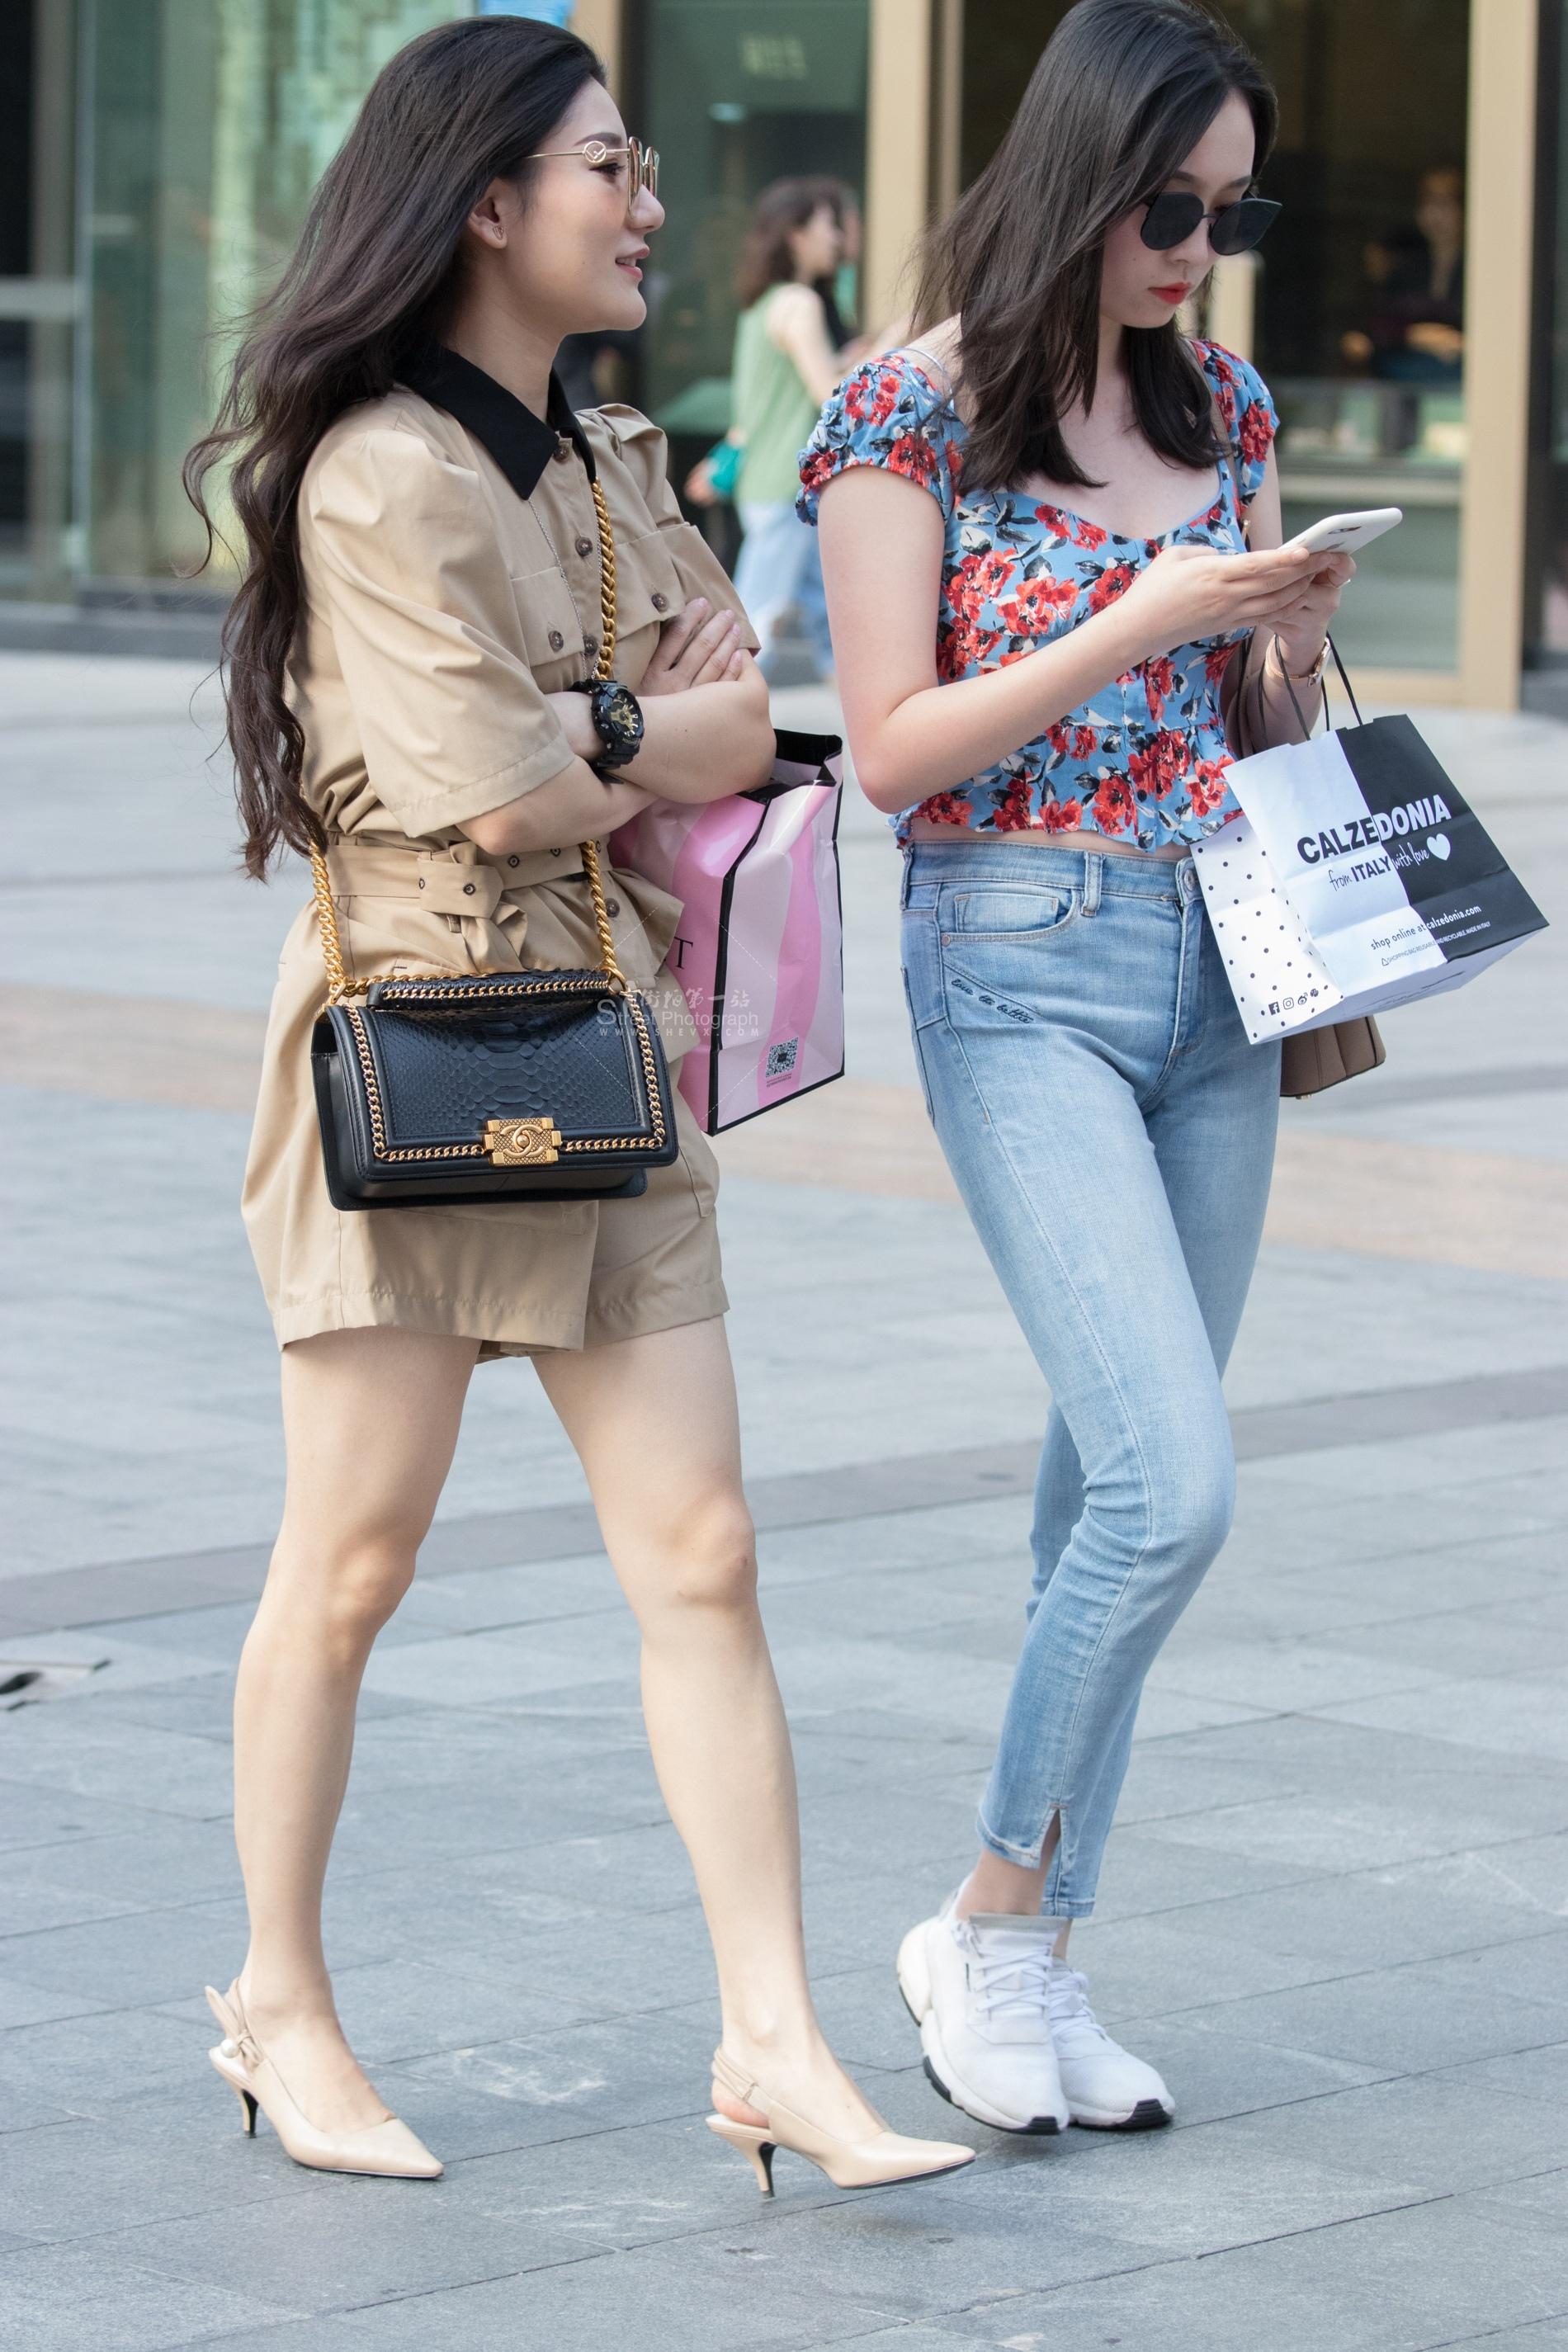 俊风摄影+重庆9月47贴 两个不同风格M妇 最新街拍丝袜图片 街拍丝袜第一站